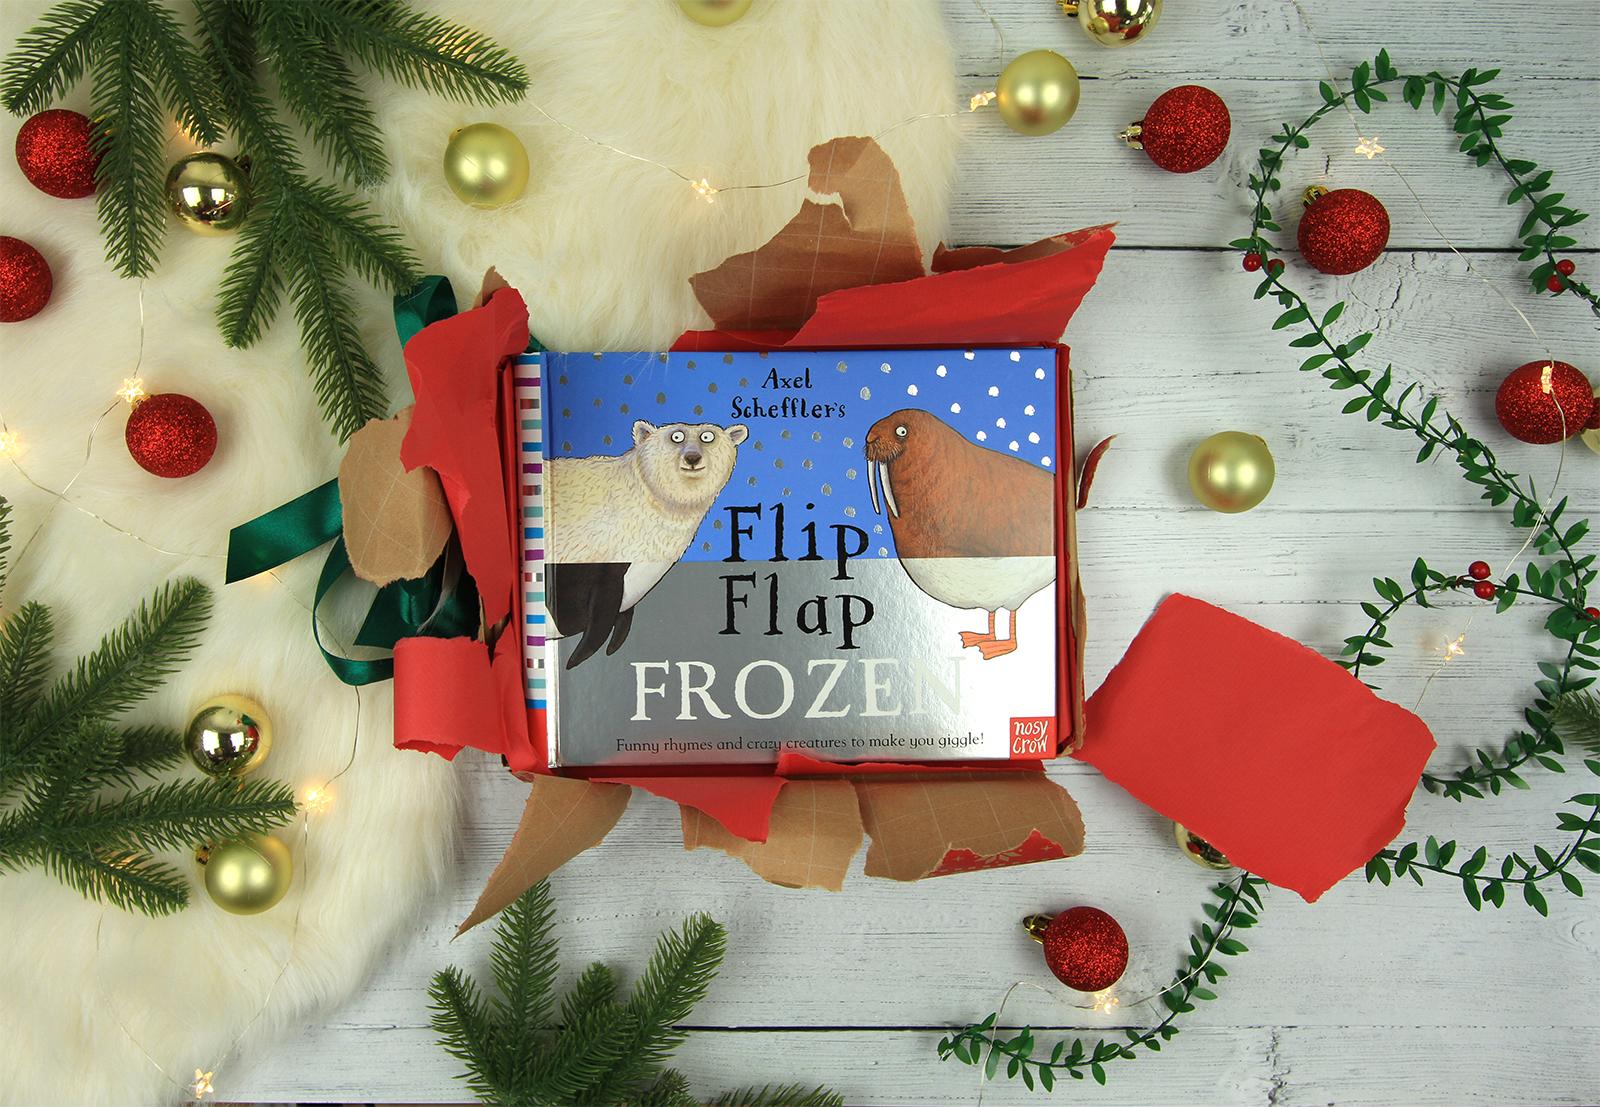 Flip Flap Frozen